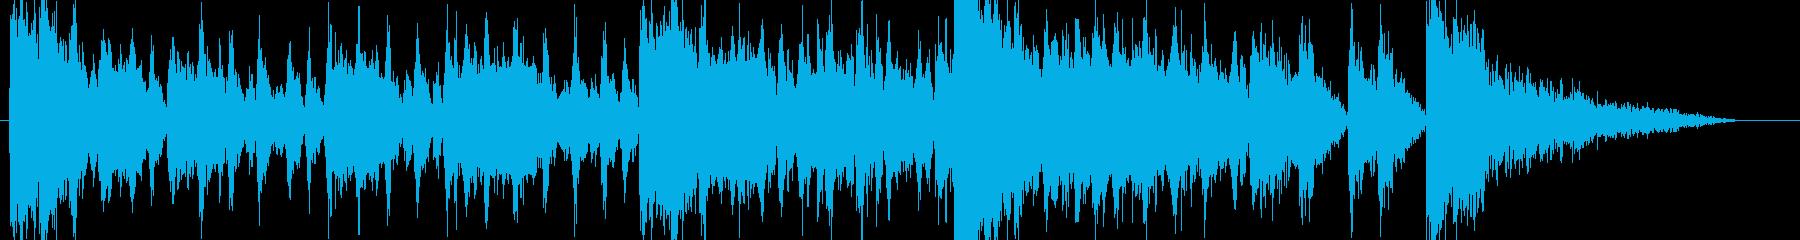 バトルアクション系のオーケストラBGM2の再生済みの波形